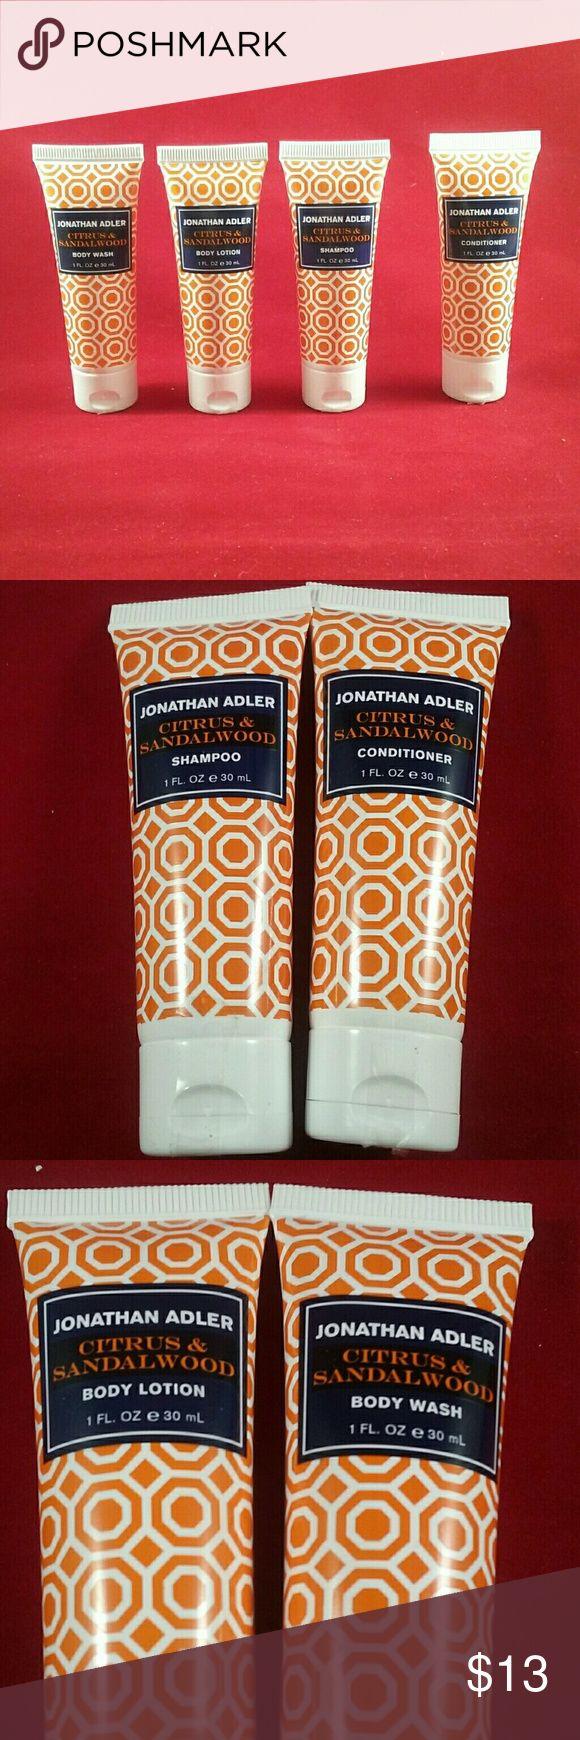 Jonathan Adler Travel Sampler Citrus & Sandalwood Scent  Four 1-oz. tubes Perfect sizes for TSA checkpoint! Jonathan Adler Other